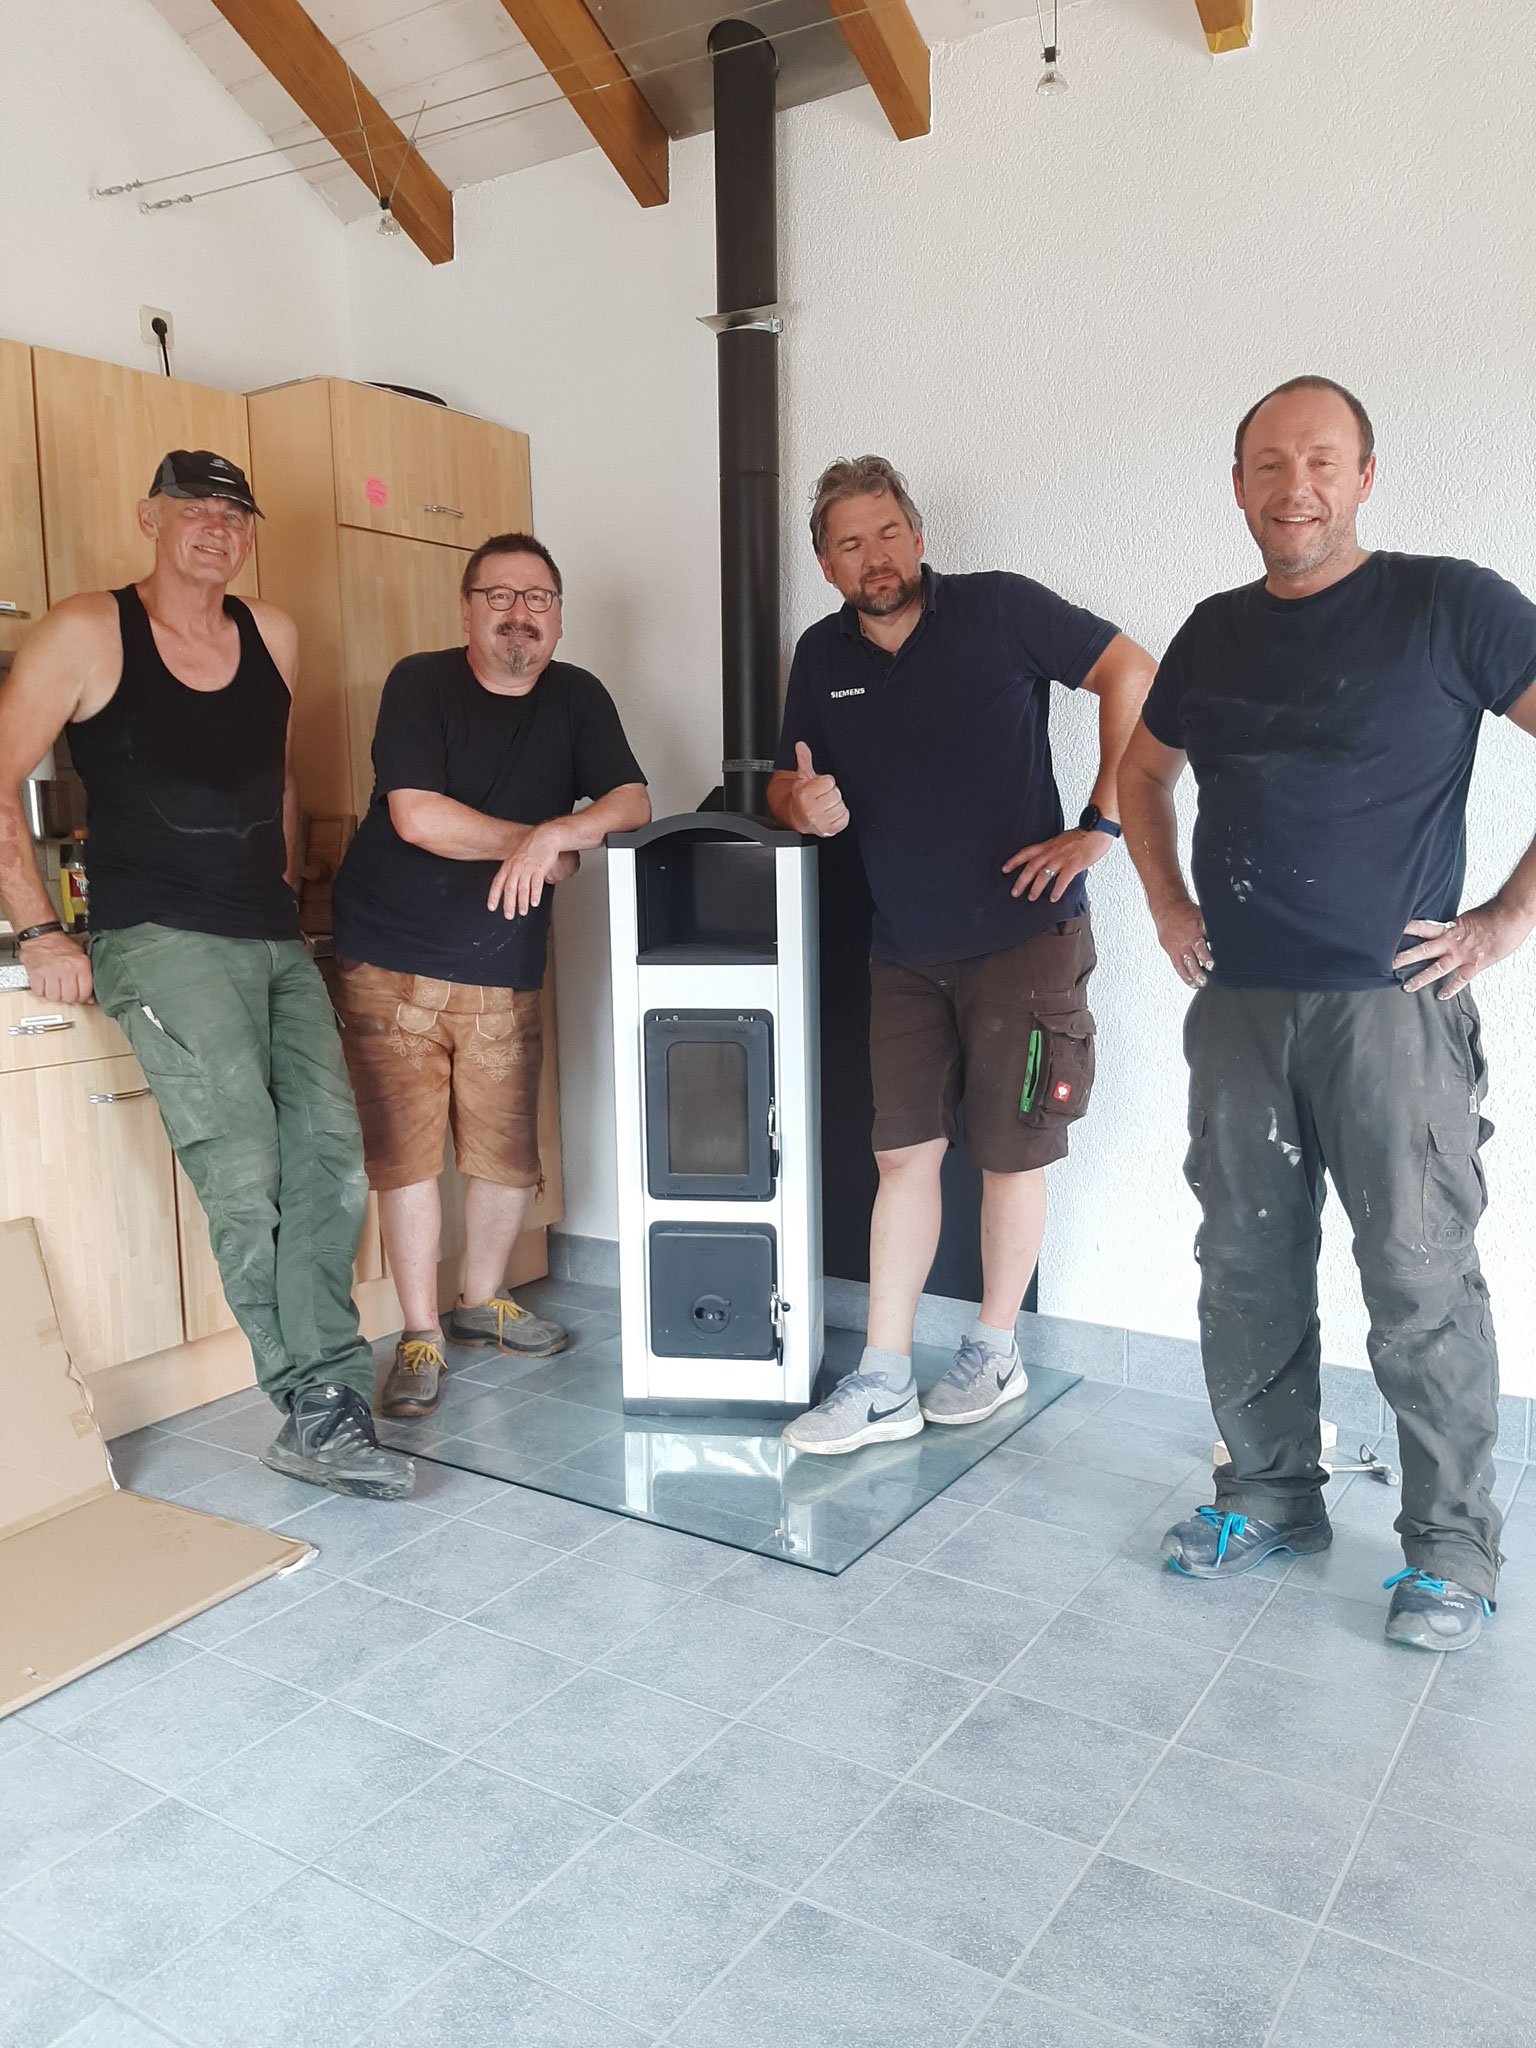 Dankeschön an Robert,Thomas, Klaus und Jürgen (von links nach rechts)